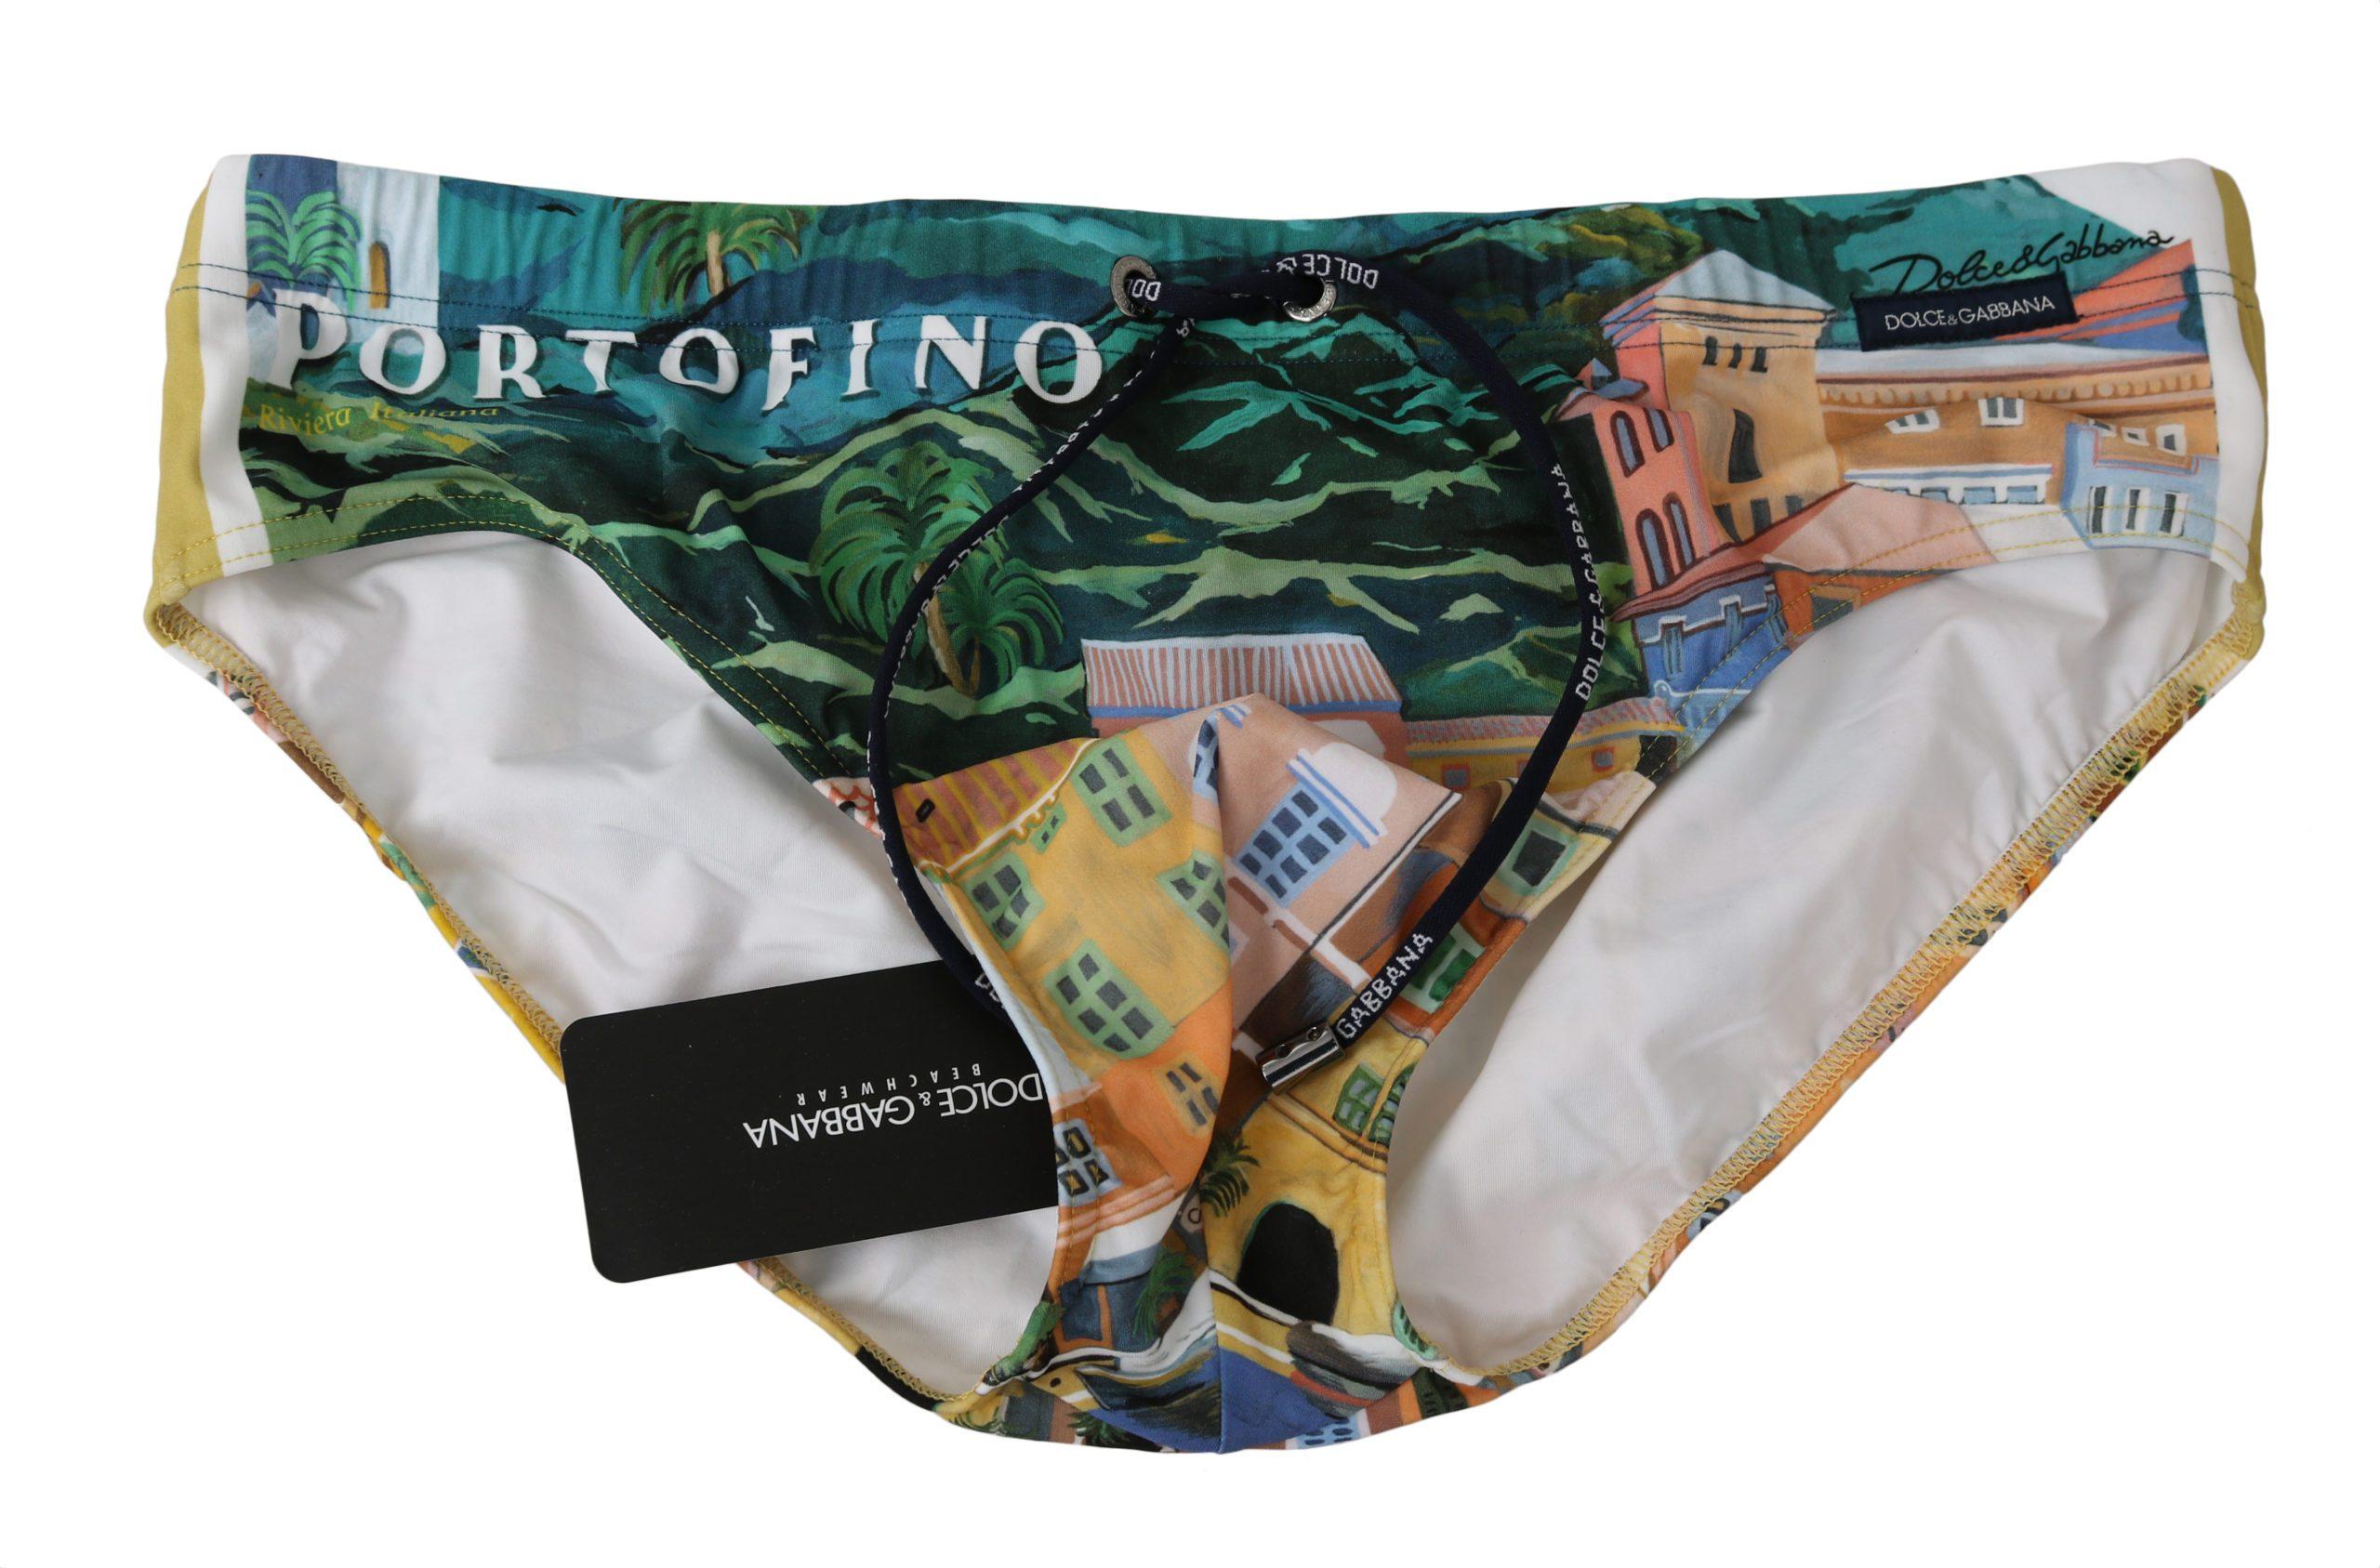 Dolce & Gabbana Men's PORTOFINO Nylon Stretch Briefs Green BIK986 - IT4   S